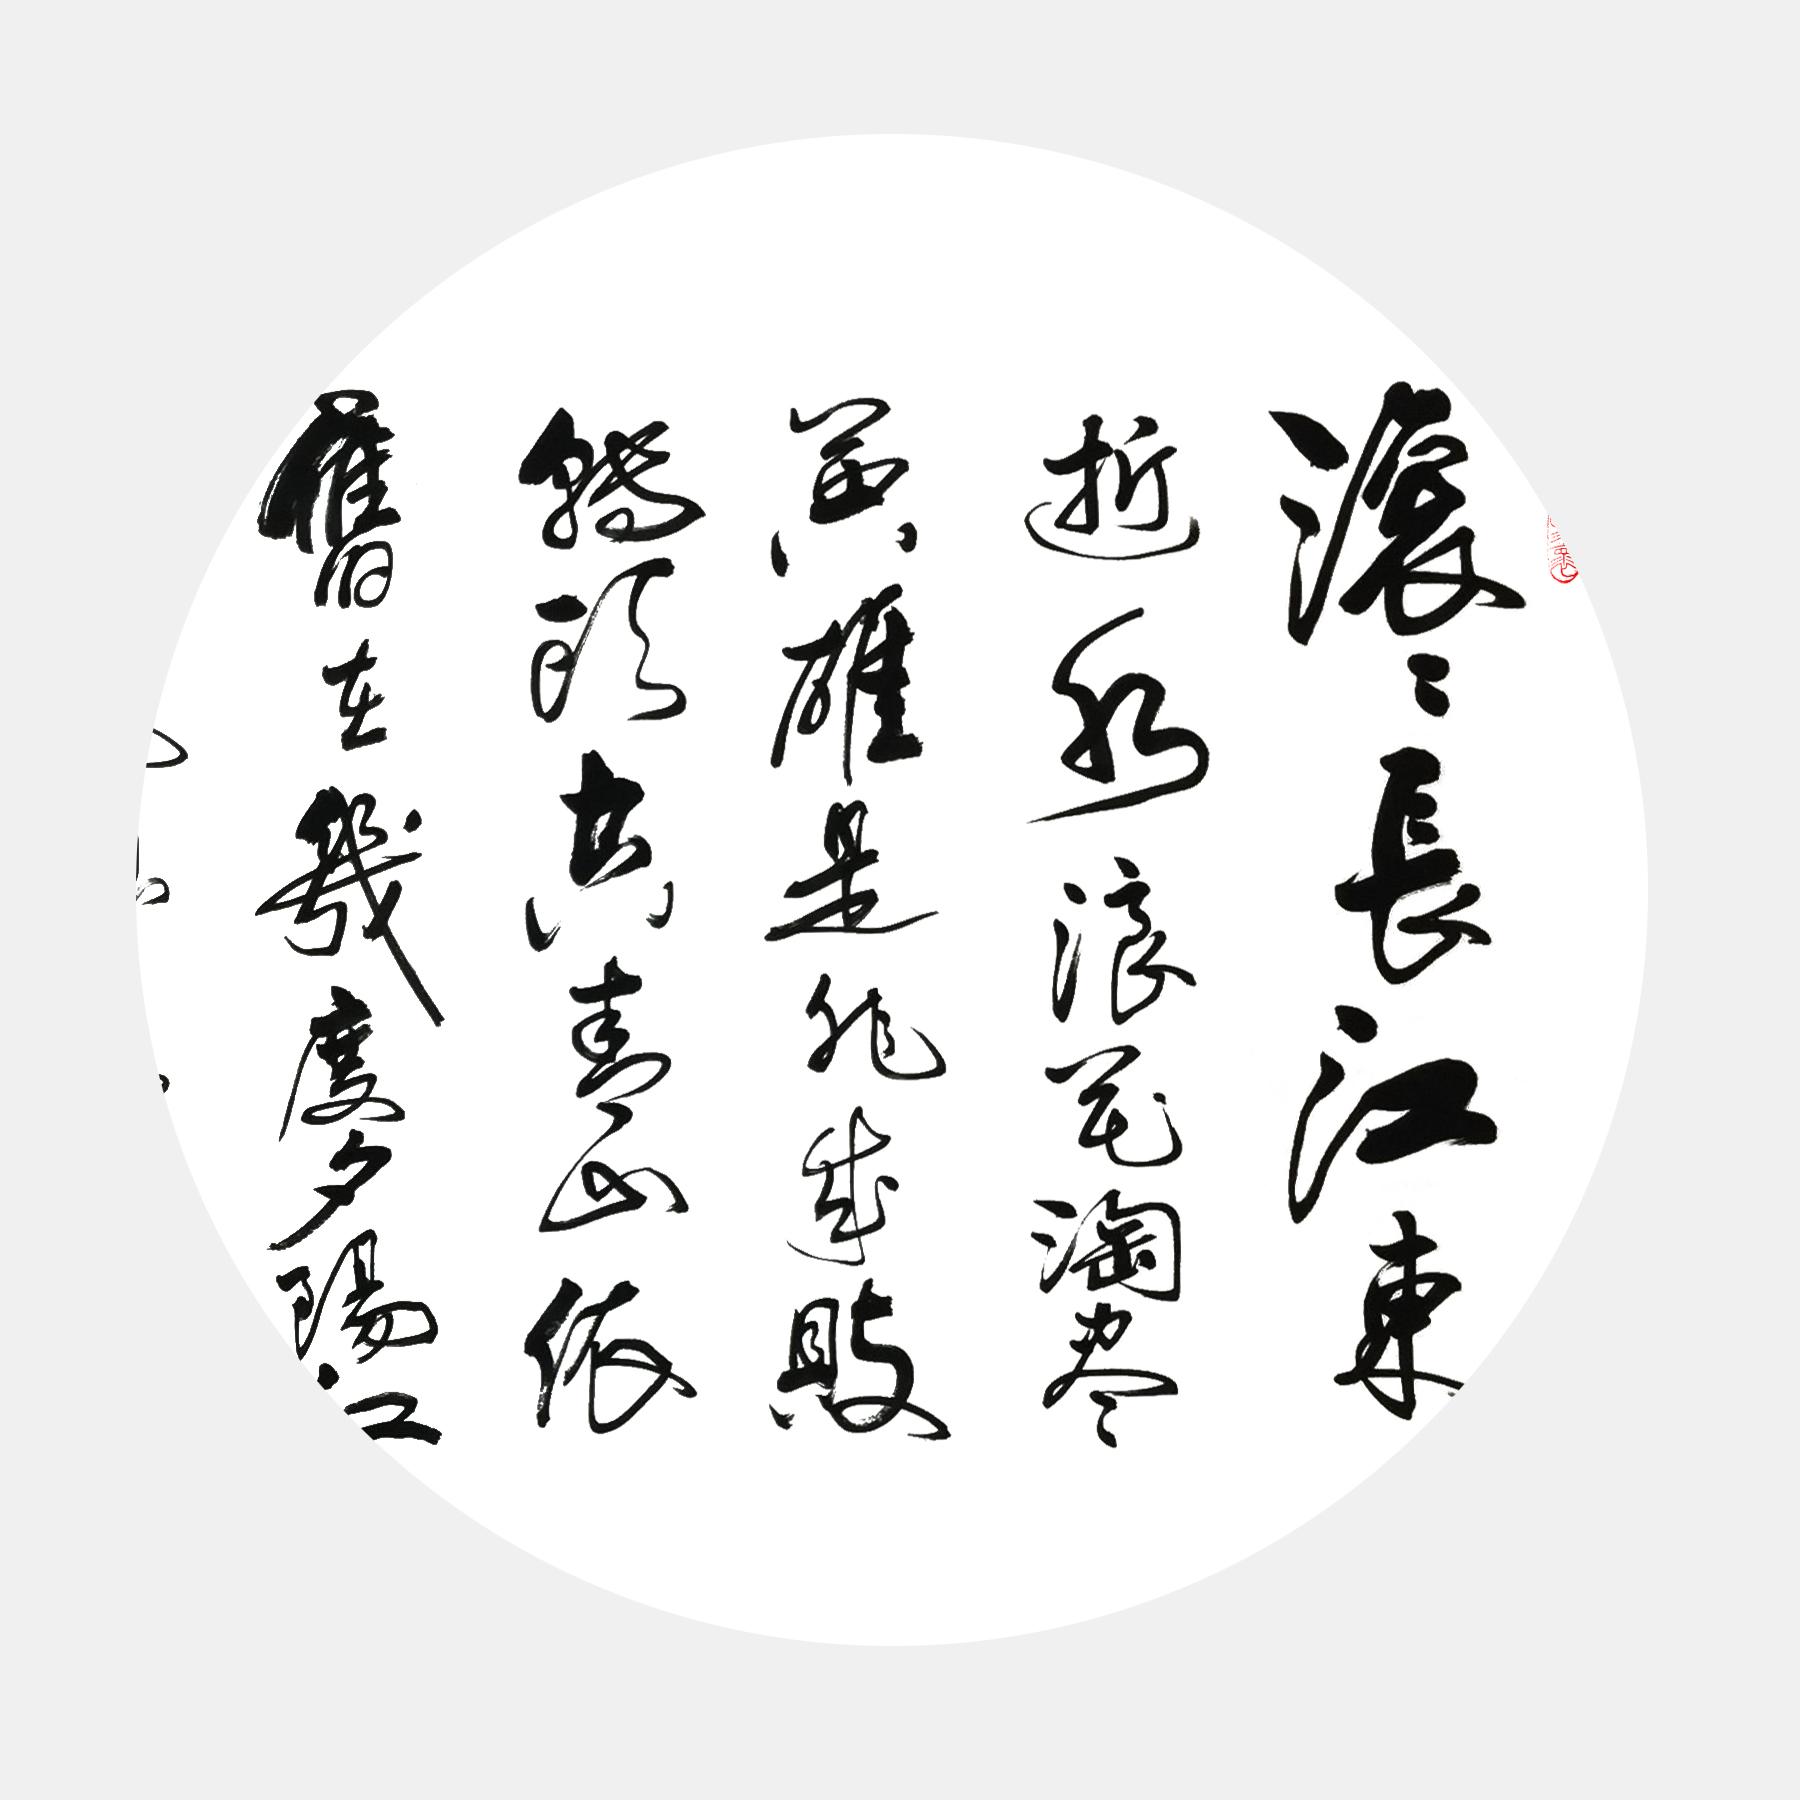 图片2:《三国演义开篇词》《临江仙・滚滚长江东逝水》行草